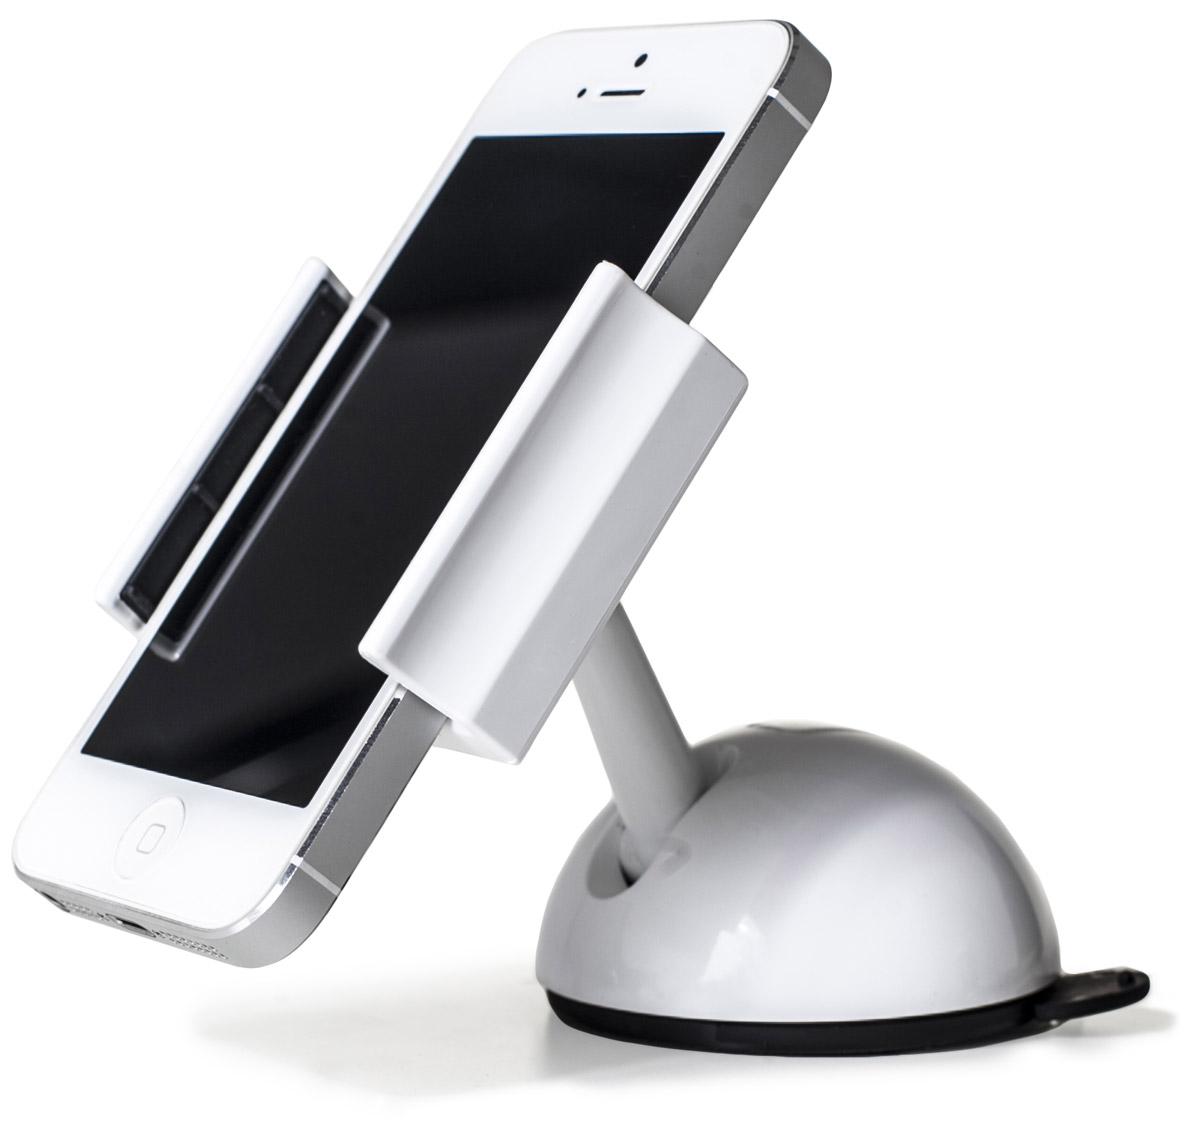 uBear Smart Fit, White автомобильный держатель для смартфоновCM01WH01-SPАвтодержатель uBear Smar Fit один из самых стильных держателей на рынке. Яркий дизайн, который подходит для каждого автомобиля. Супер надежная система крепления держателя к любой плоской поверхности. Возможность крепления смартфона вместе с защитным чехлом. Возможность крепления на торпеду и ветровое стекло. Компактный размер позволяет обеспечить максимальную видимость во время вождения.